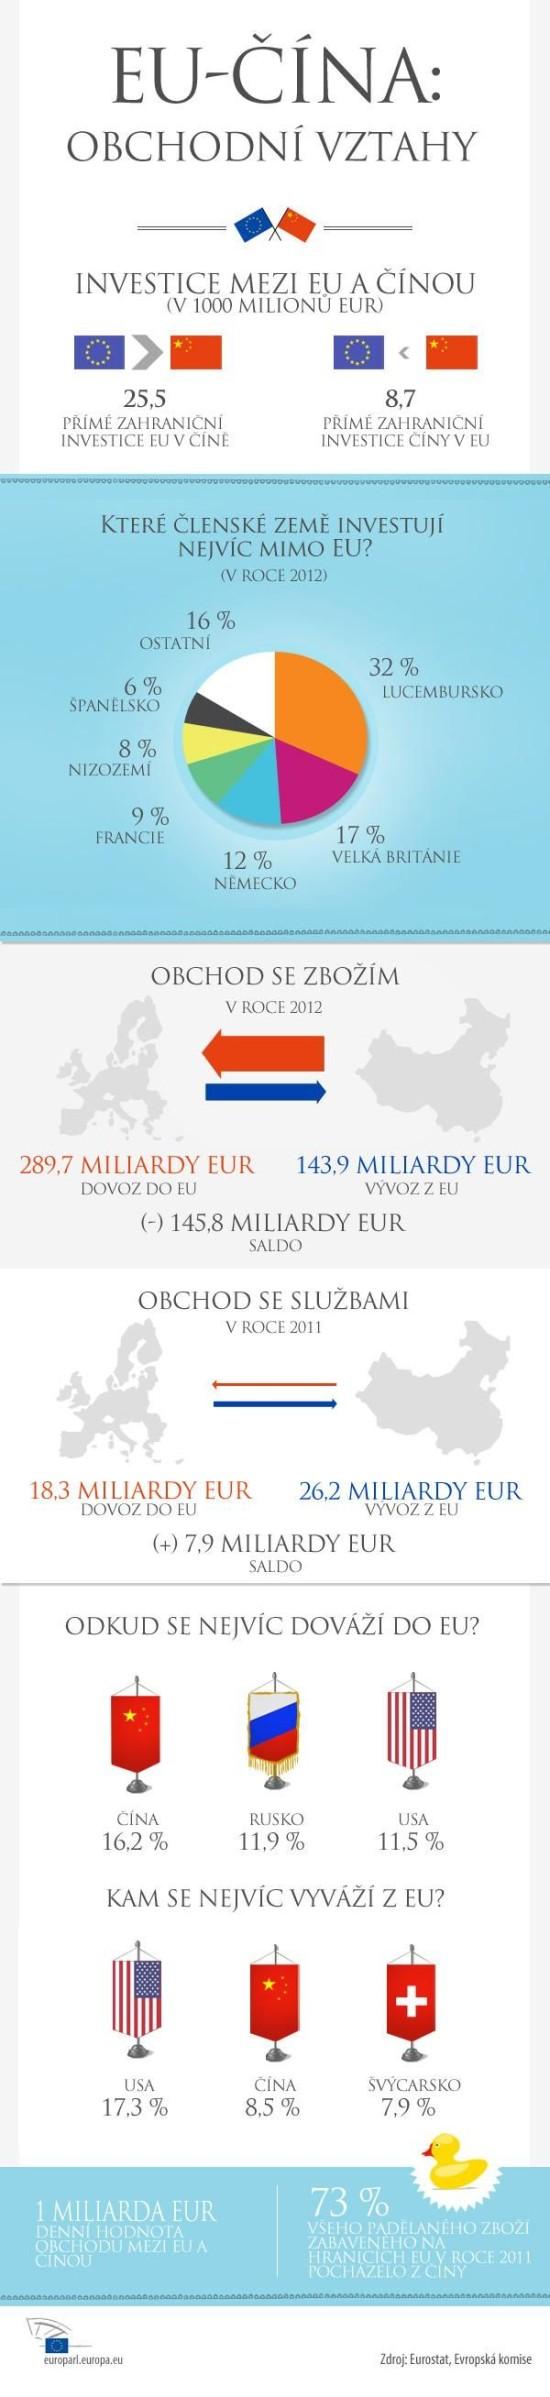 EU-Cina obchodni vztahy - infografika